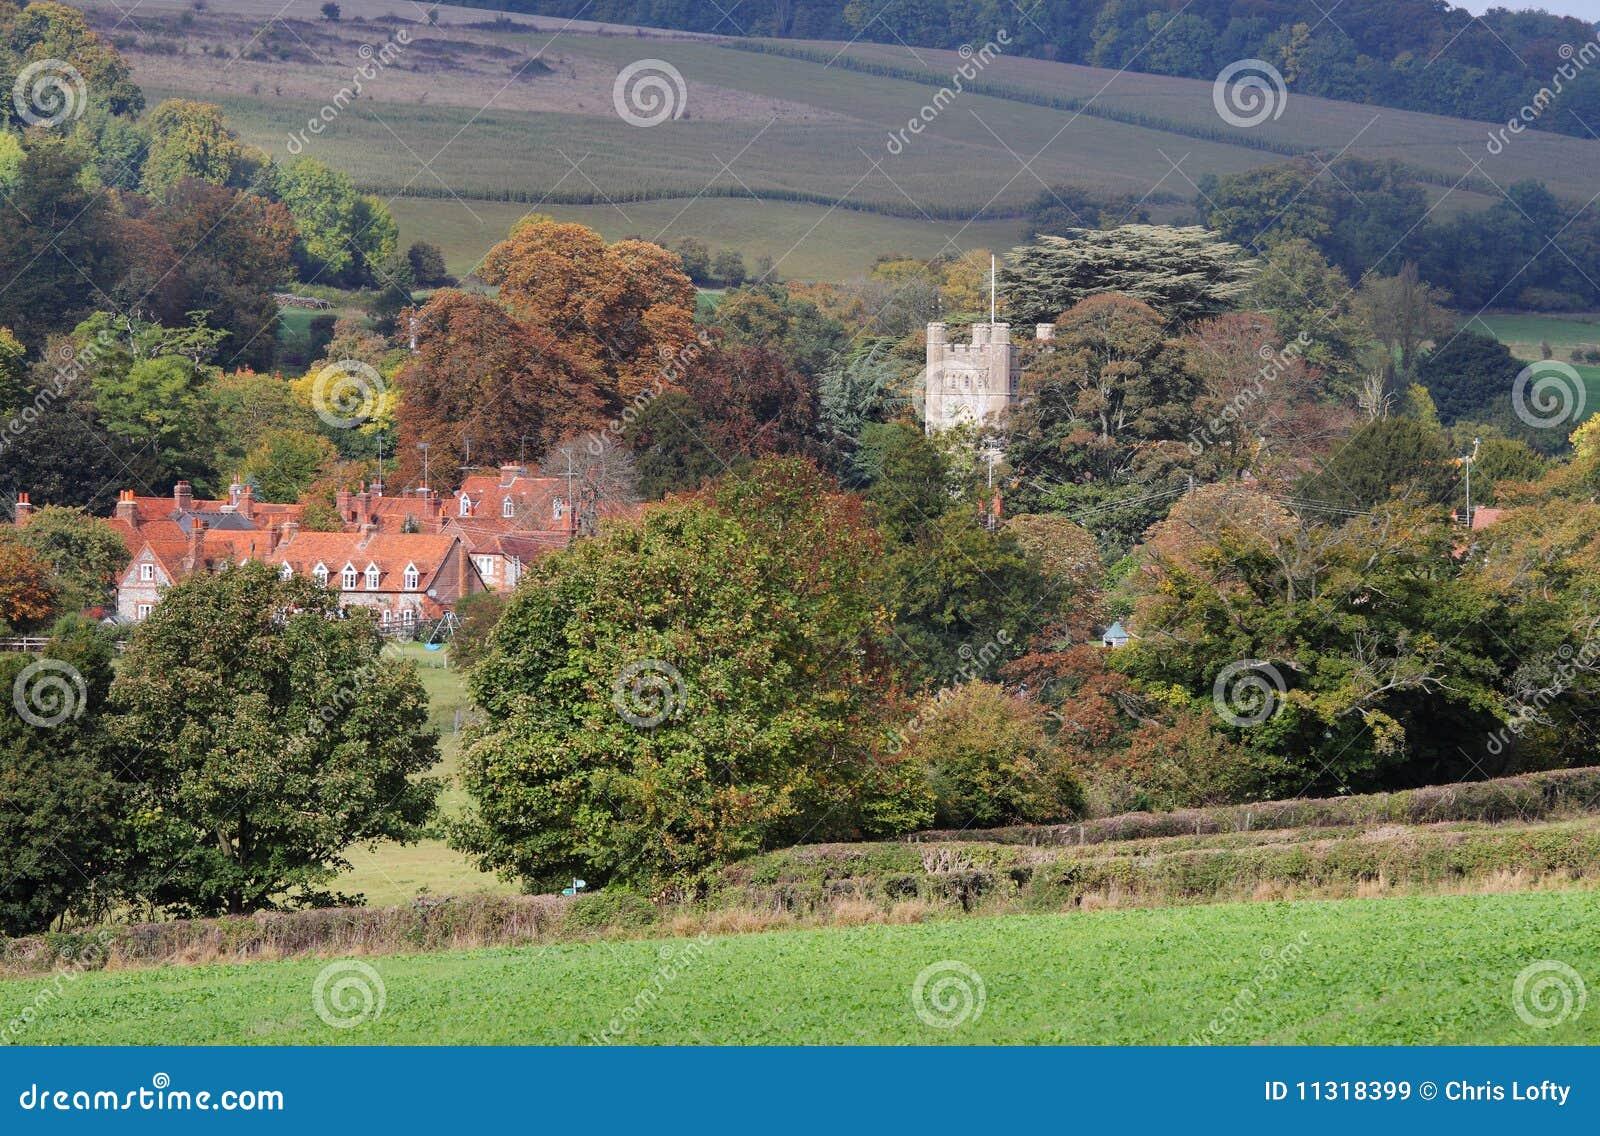 Eine englische landwirtschaftliche Landschaft im frühen Herbst